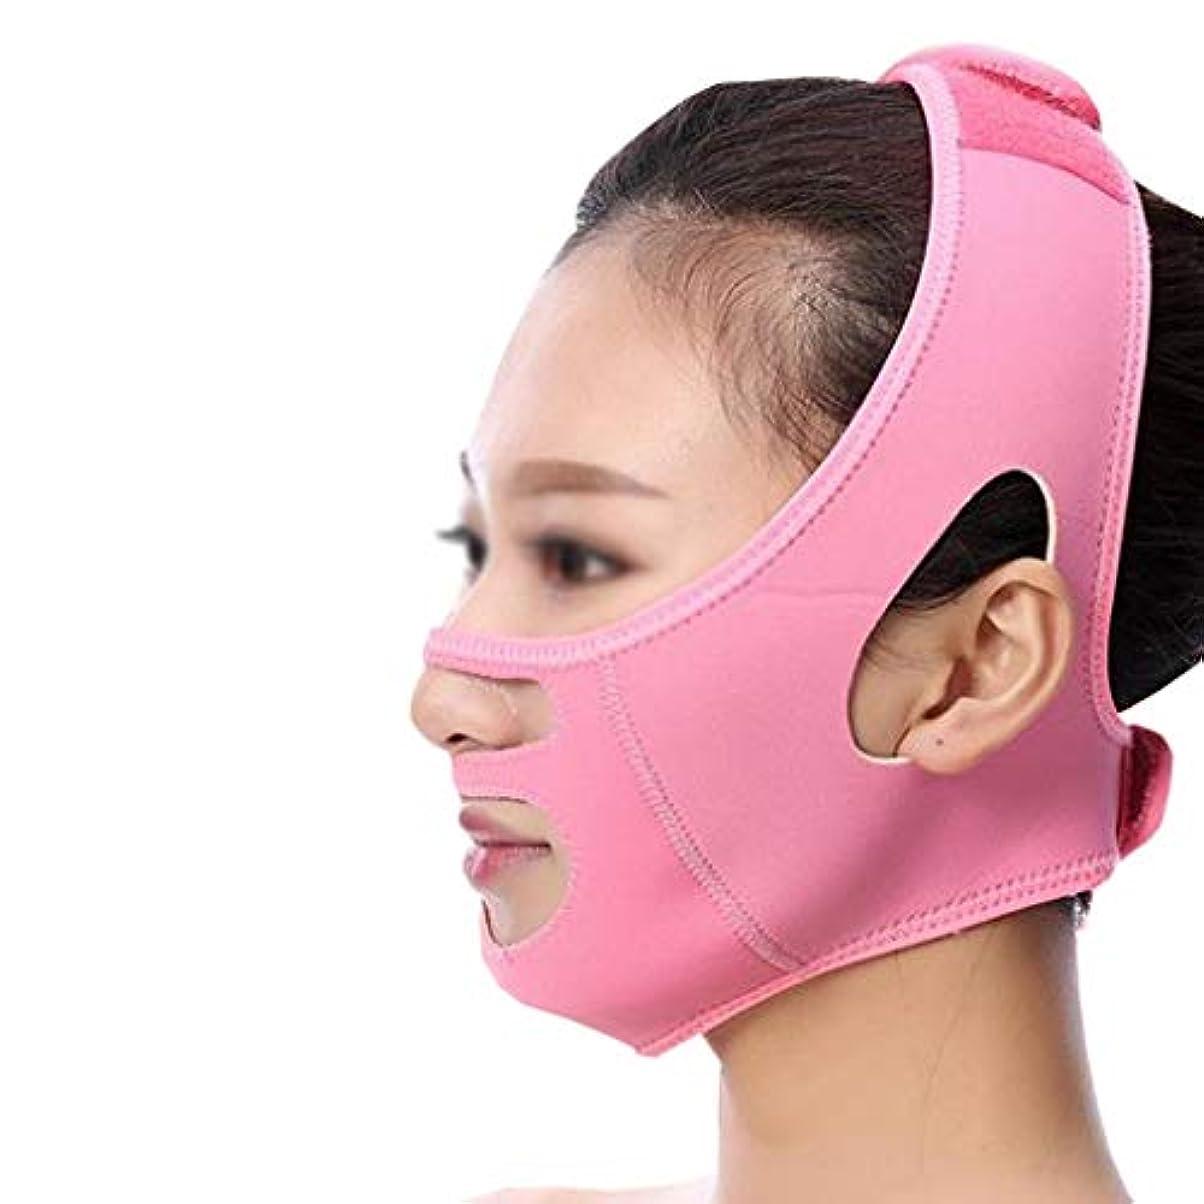 霧制裁かき混ぜるZWBD フェイスマスク, フェイスリフティングフェイスリフティングフェイスリフティングフェイスマスク機器フェイスリフティング包帯男性と女性肌引き締めしわ防止法律パターン薄い顔の楽器フェイスリフティングアーティファクト